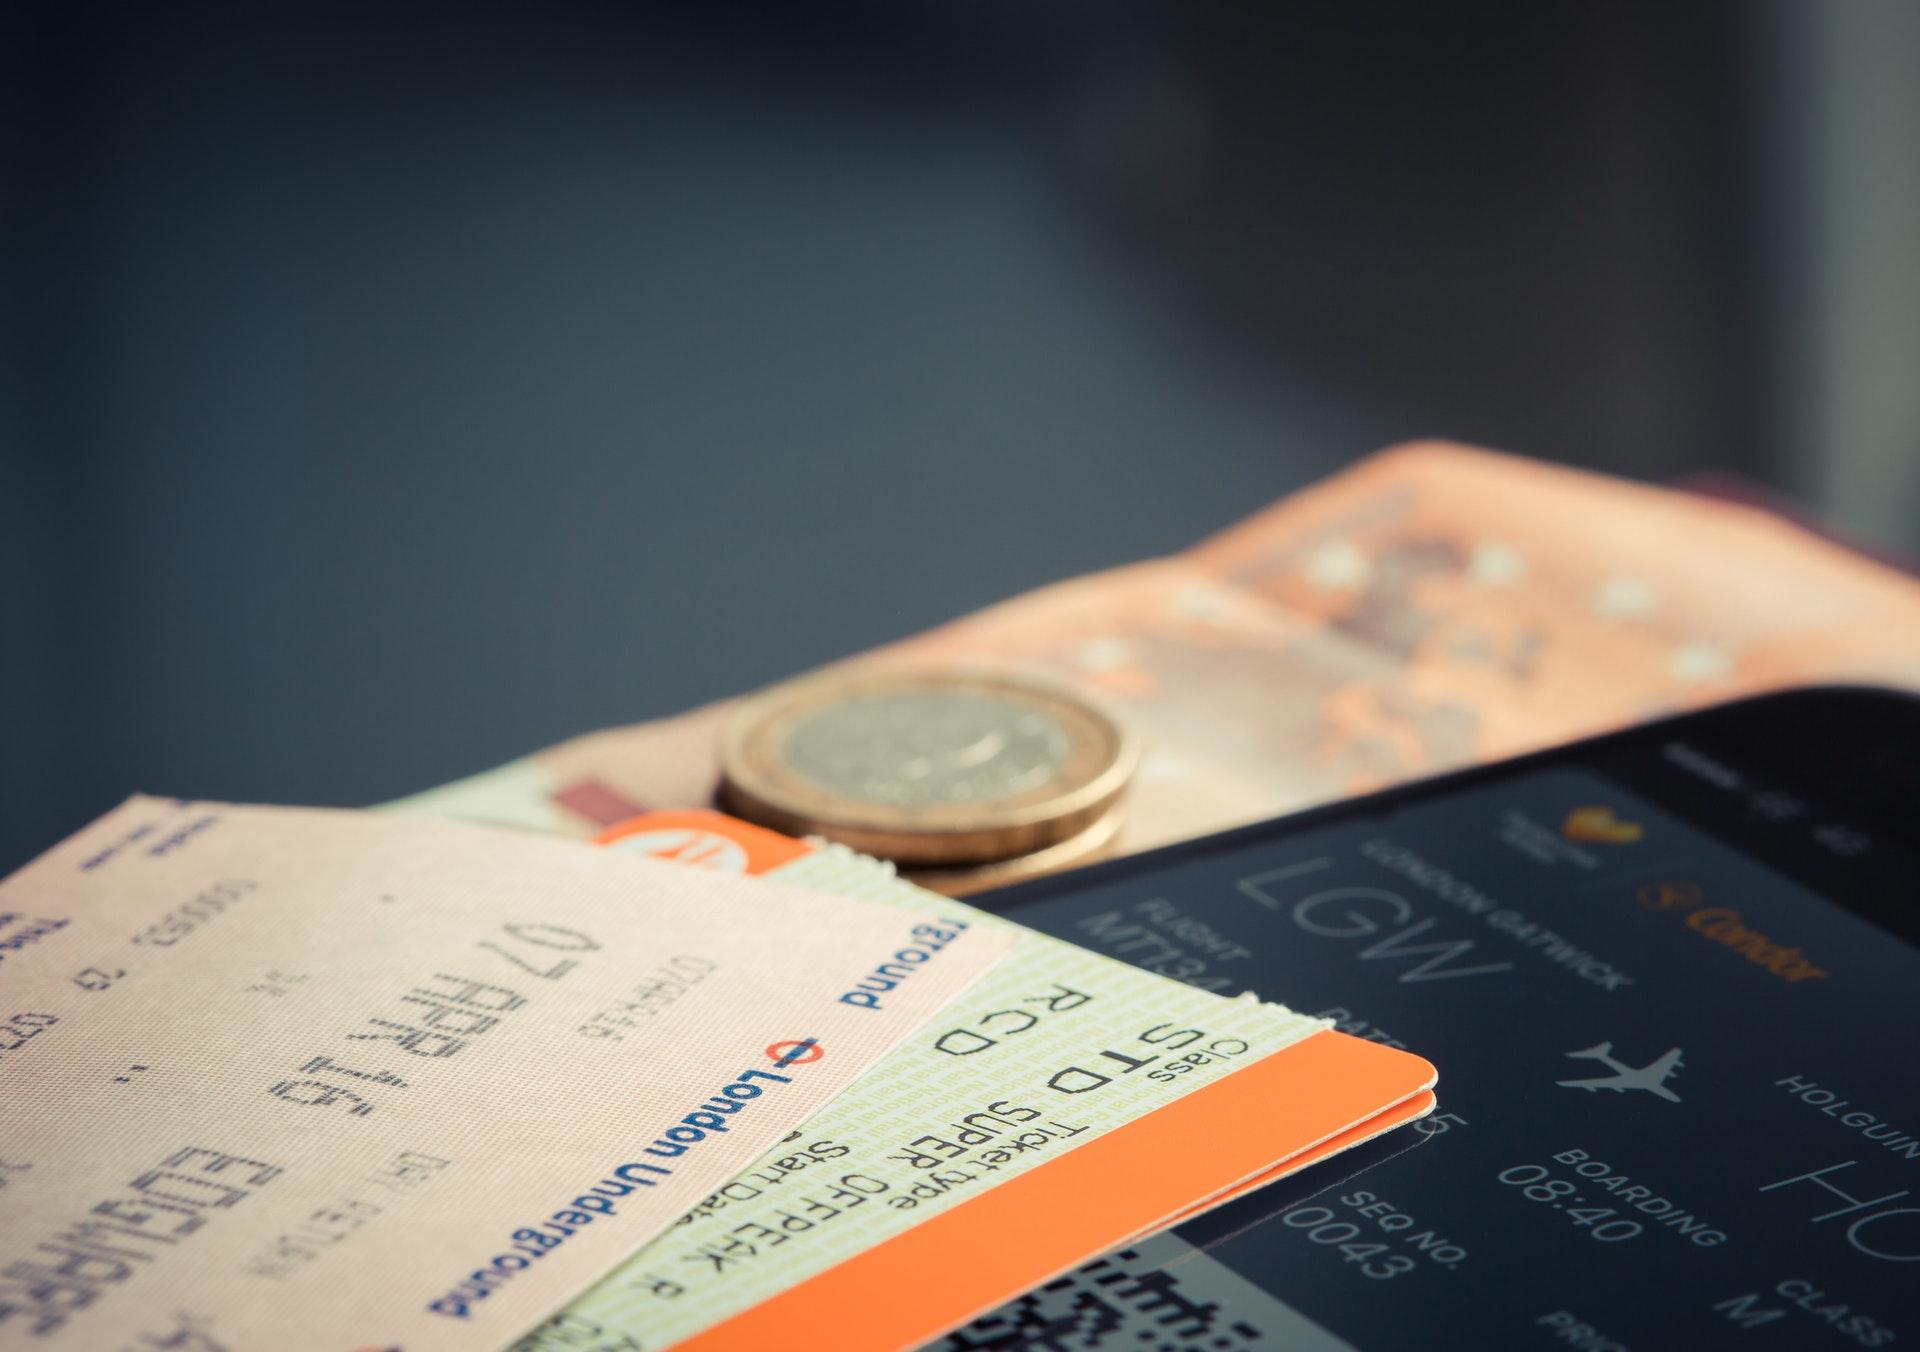 Vemos uma passagem aérea, uma nota e uma moeda sobre a tela de um celular (imagem ilustrativa). Texto: melhores franquias do momento.